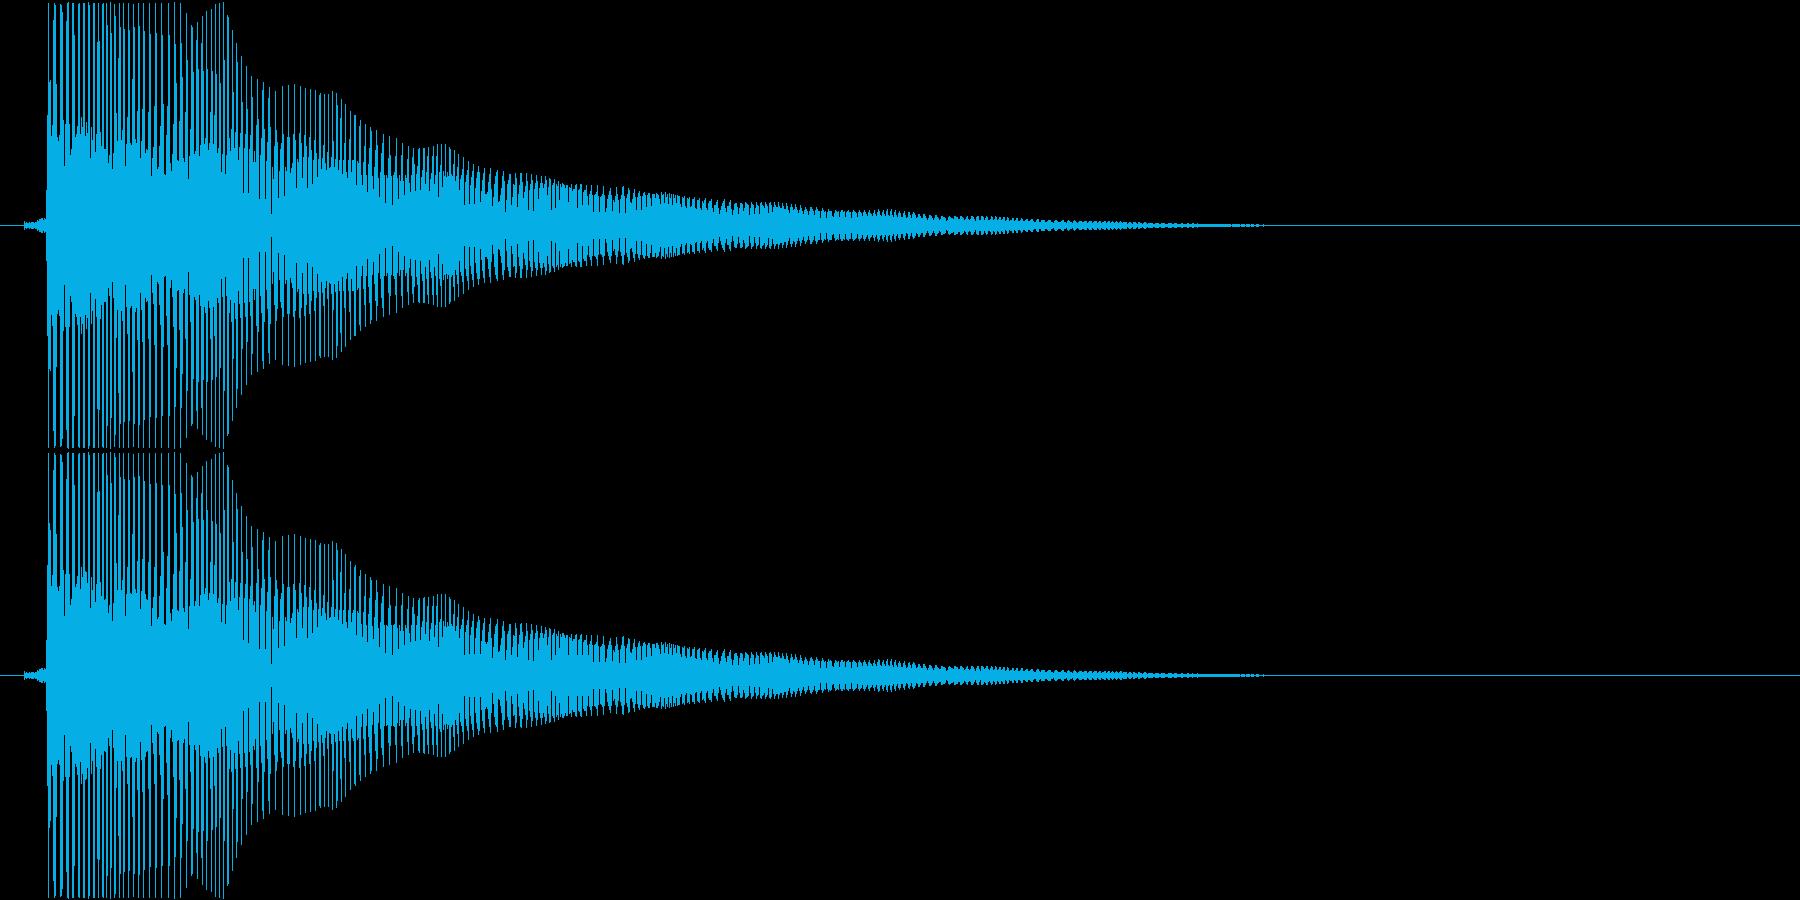 ビヨヨヨヨーン…(バネ、まぬけ、低い)の再生済みの波形